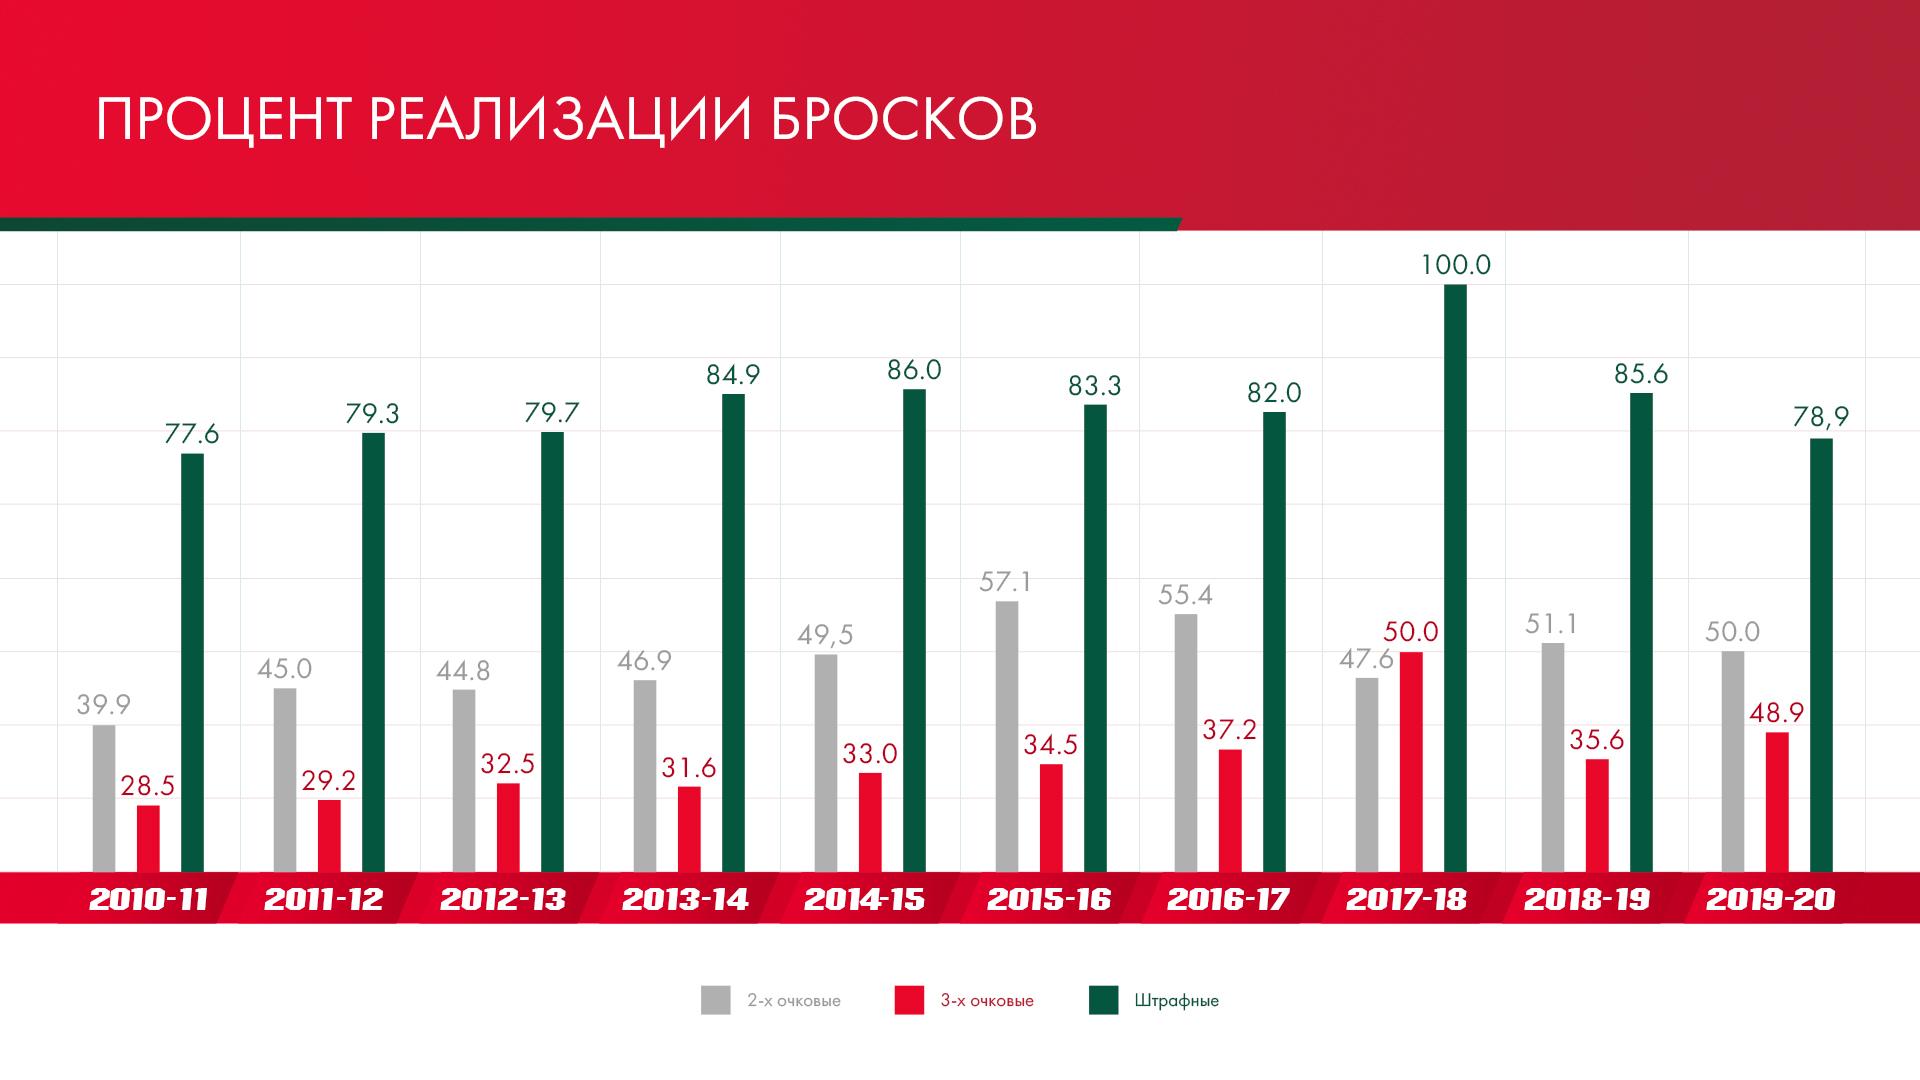 Данк через Леброна, 72 очка за матч, переезд в Европу. «Локомотив» привез в Россию Джордана Кроуфорда